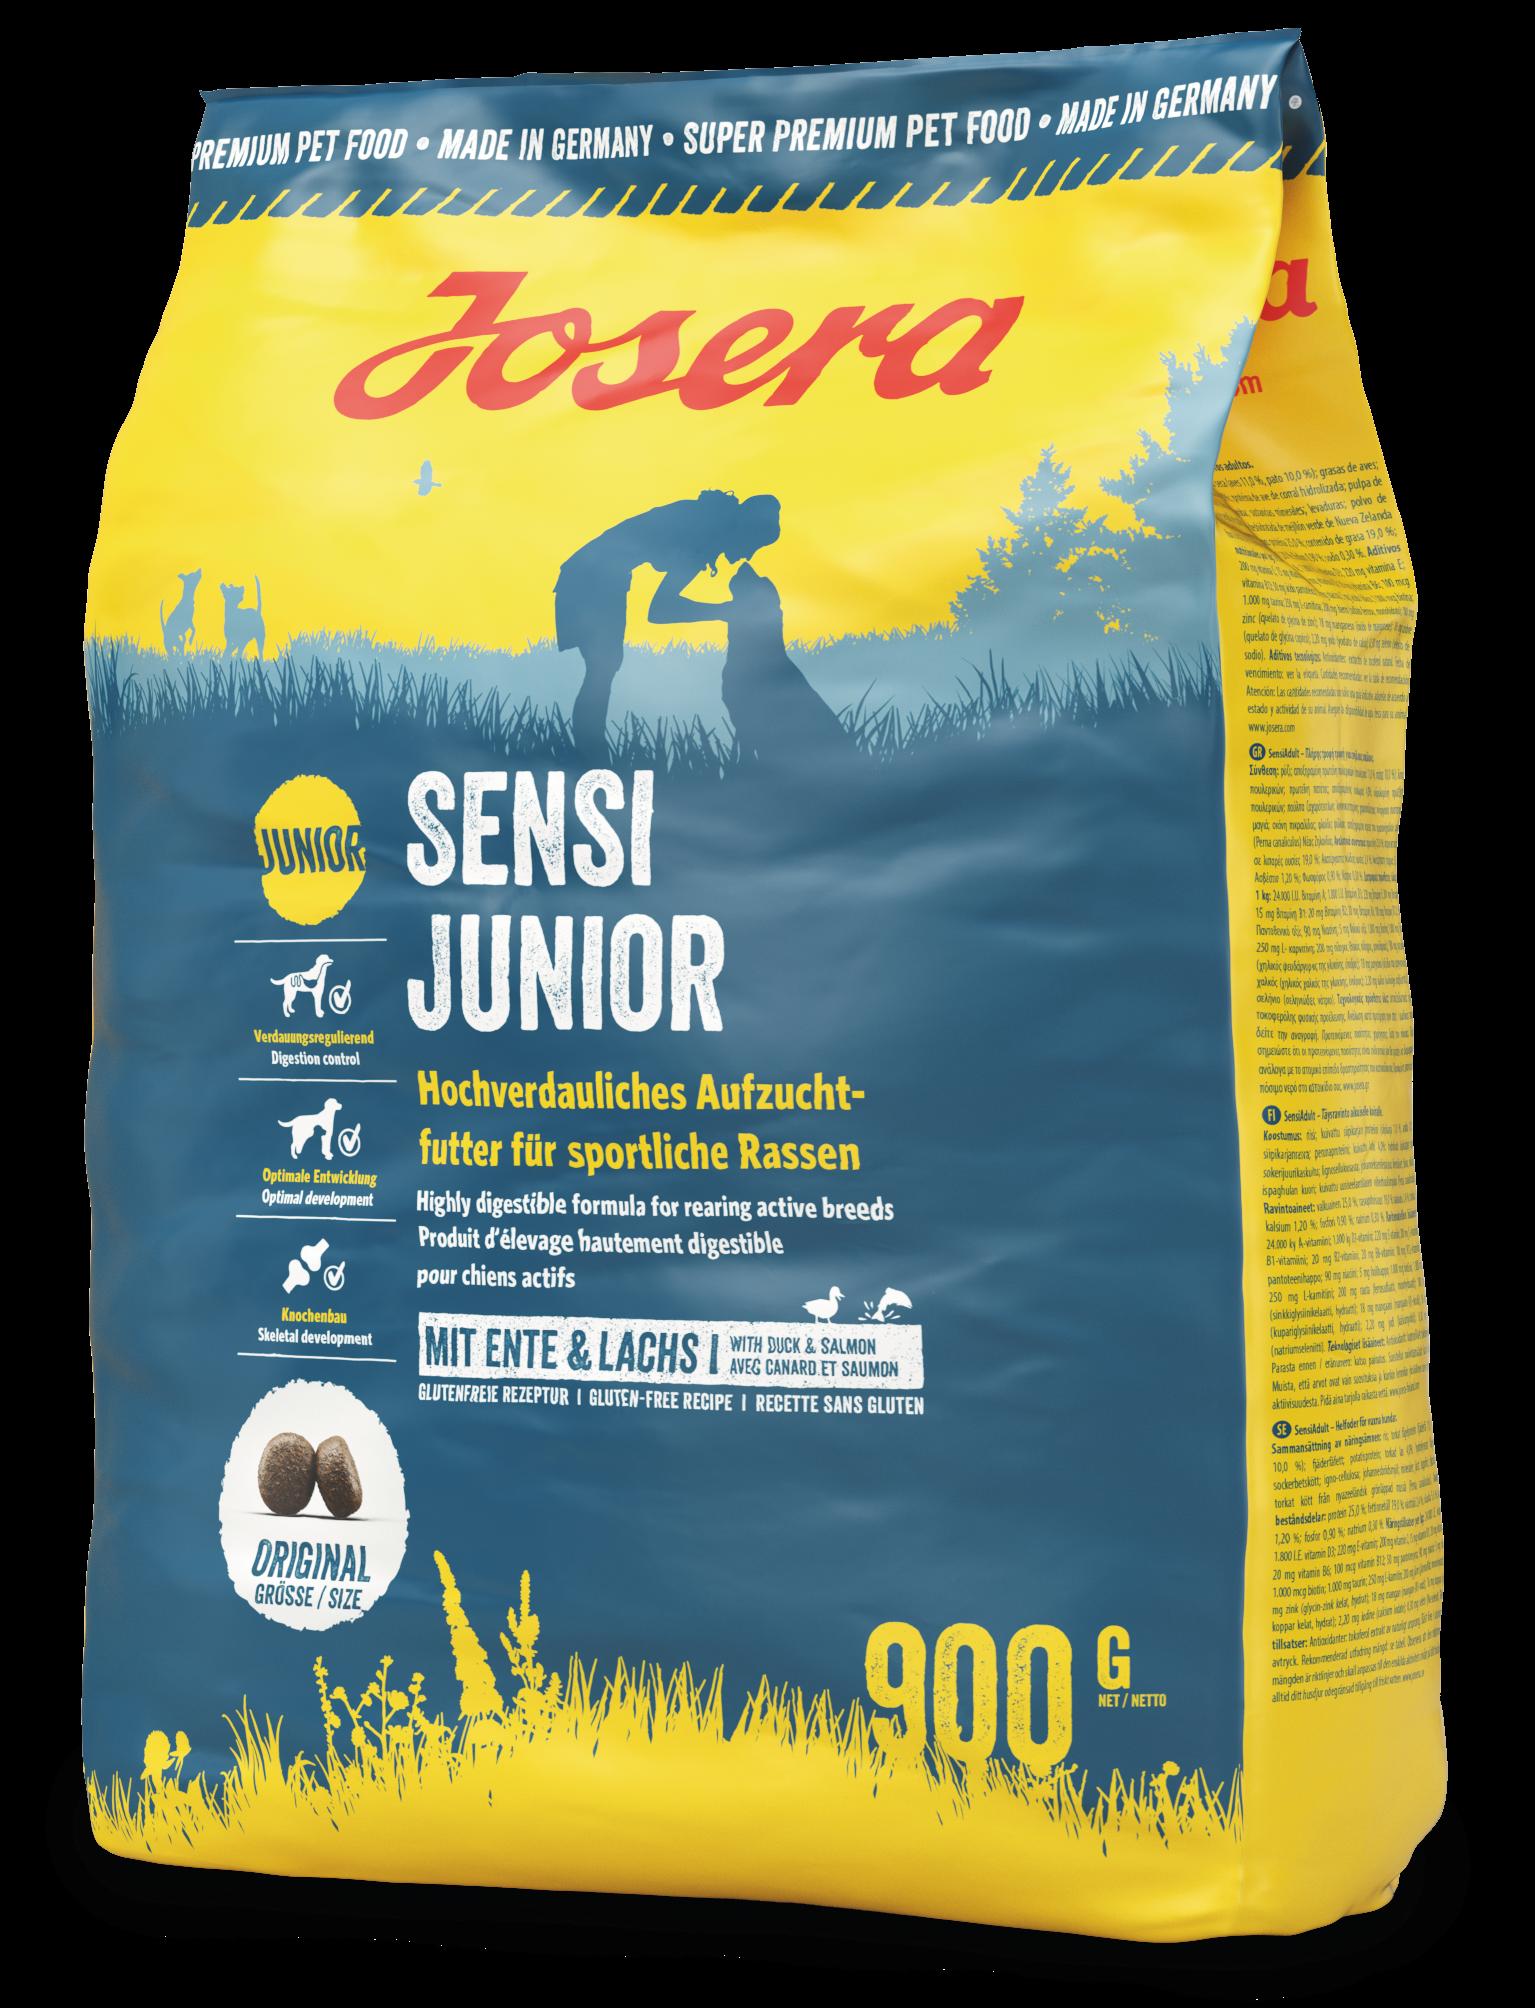 Josera Exklusiv Sensi Junior